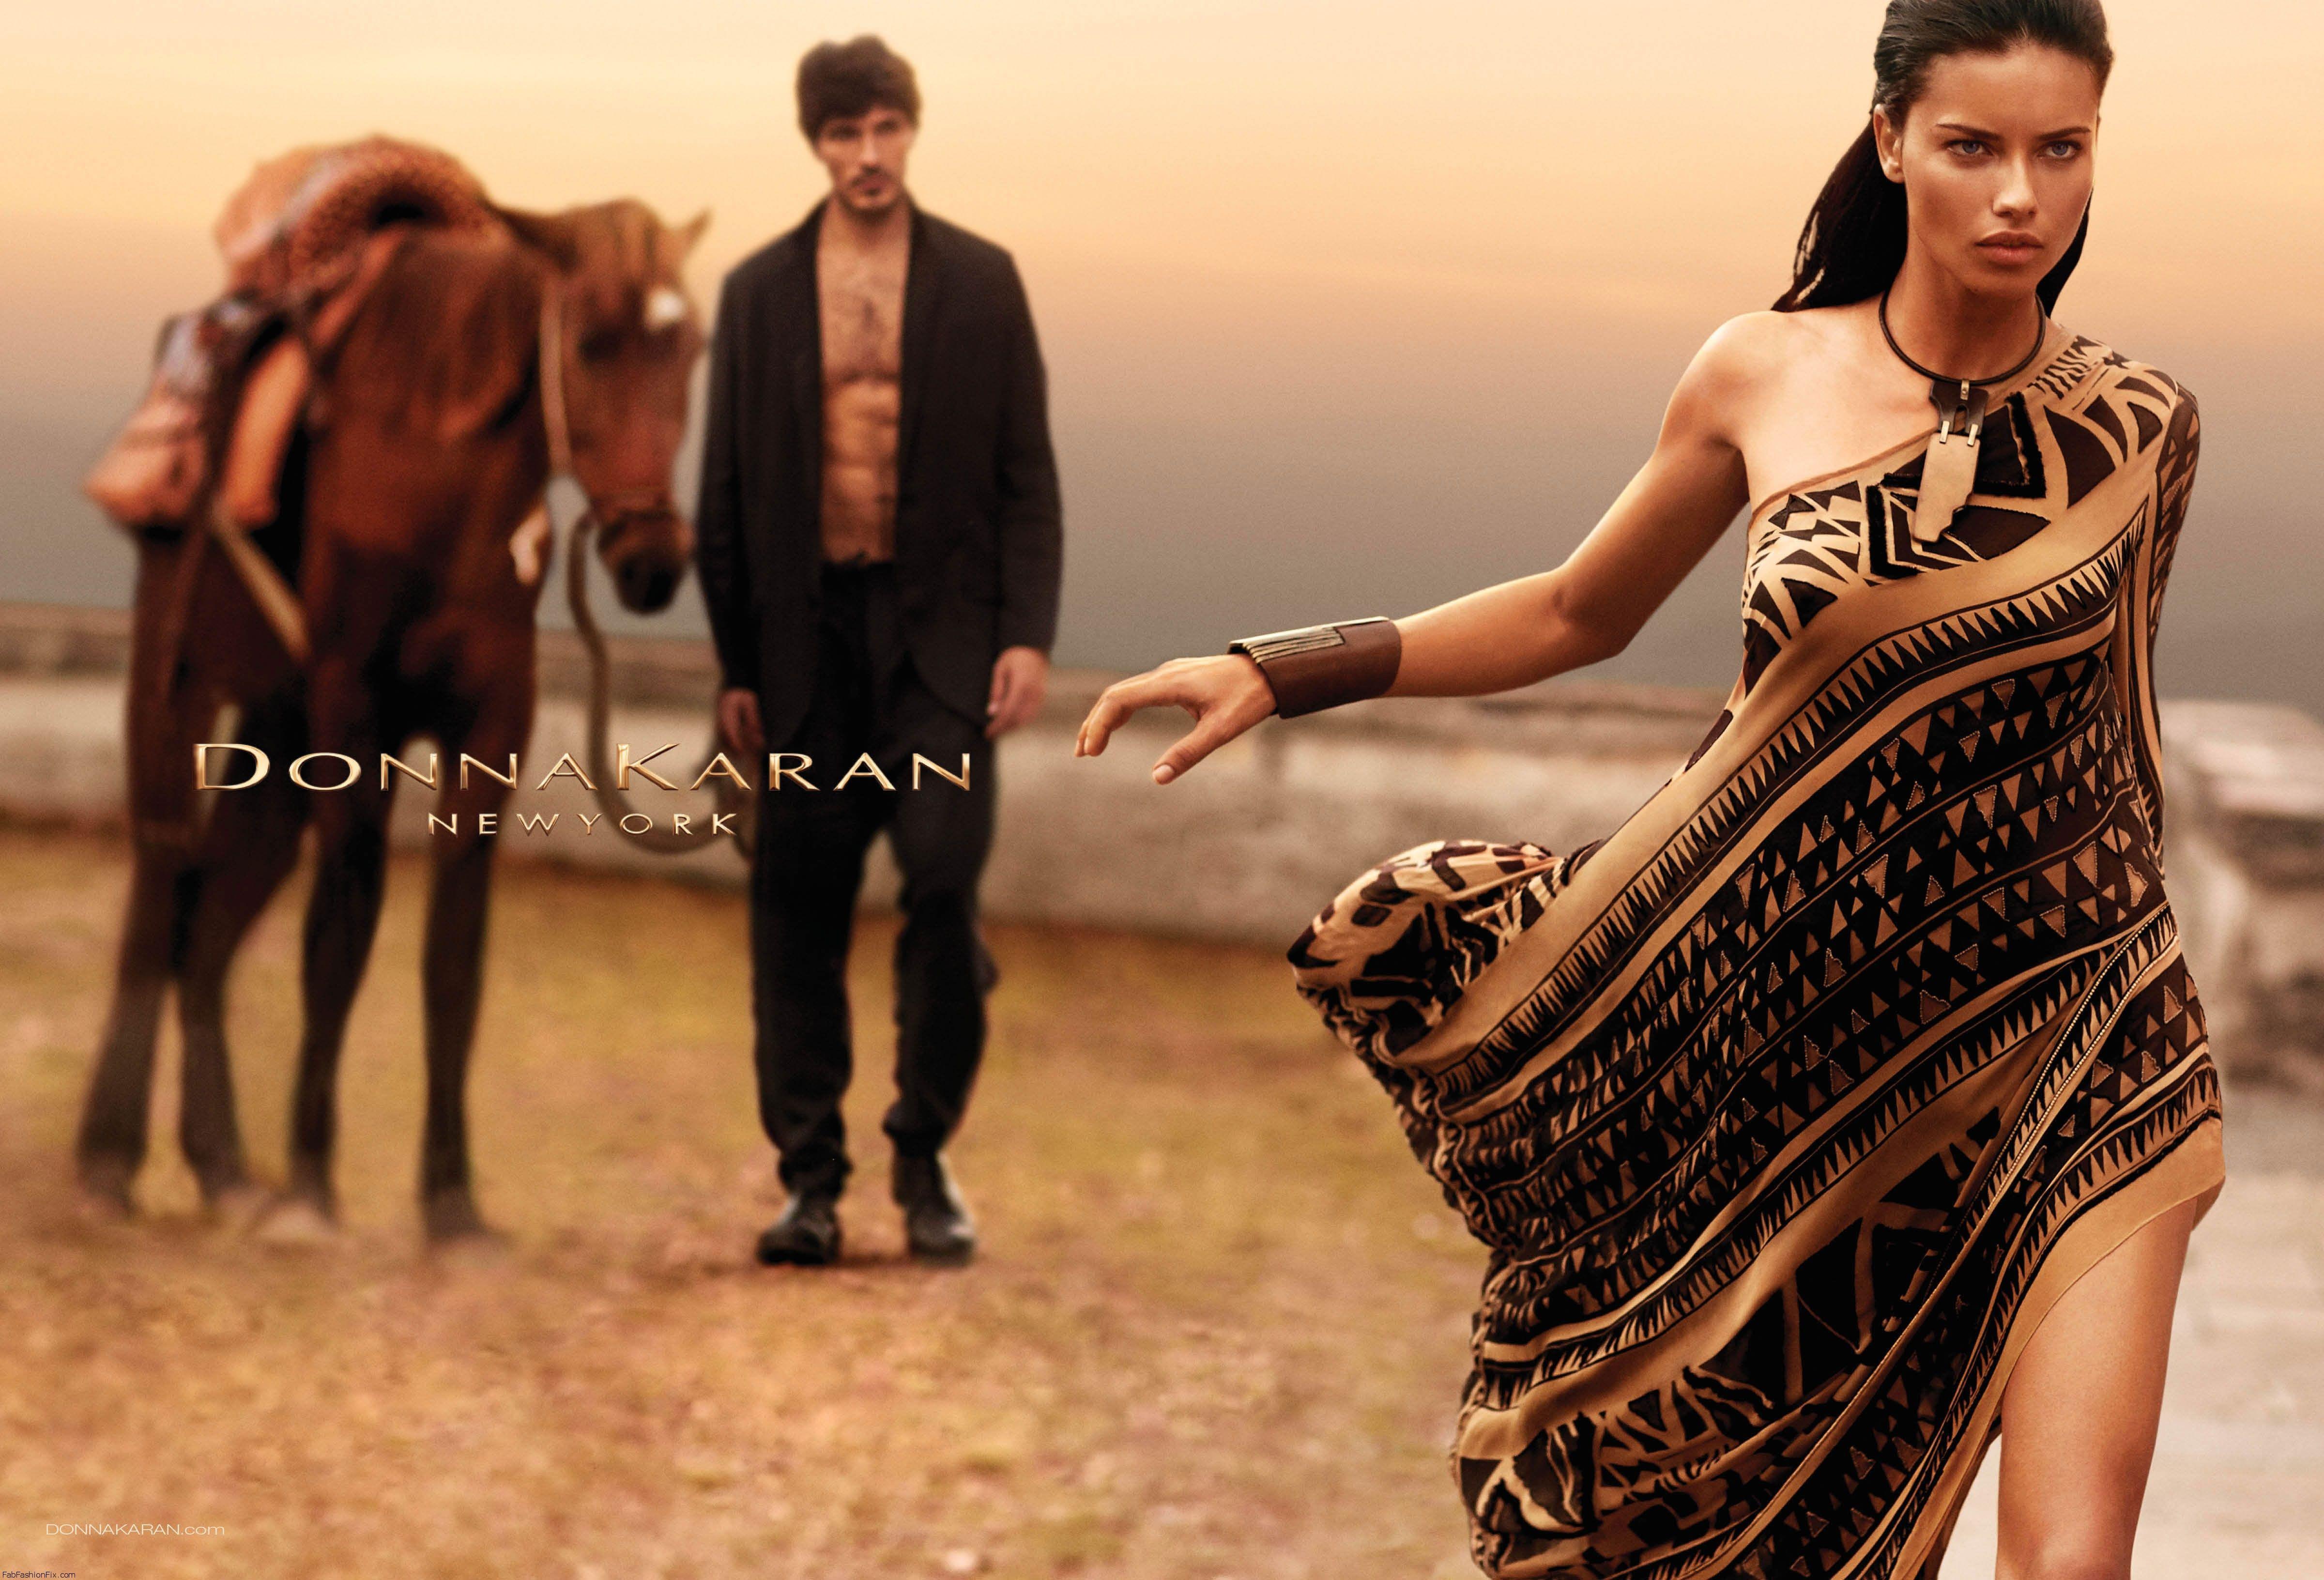 Odlazak Donne Karan sa prijestolja mode